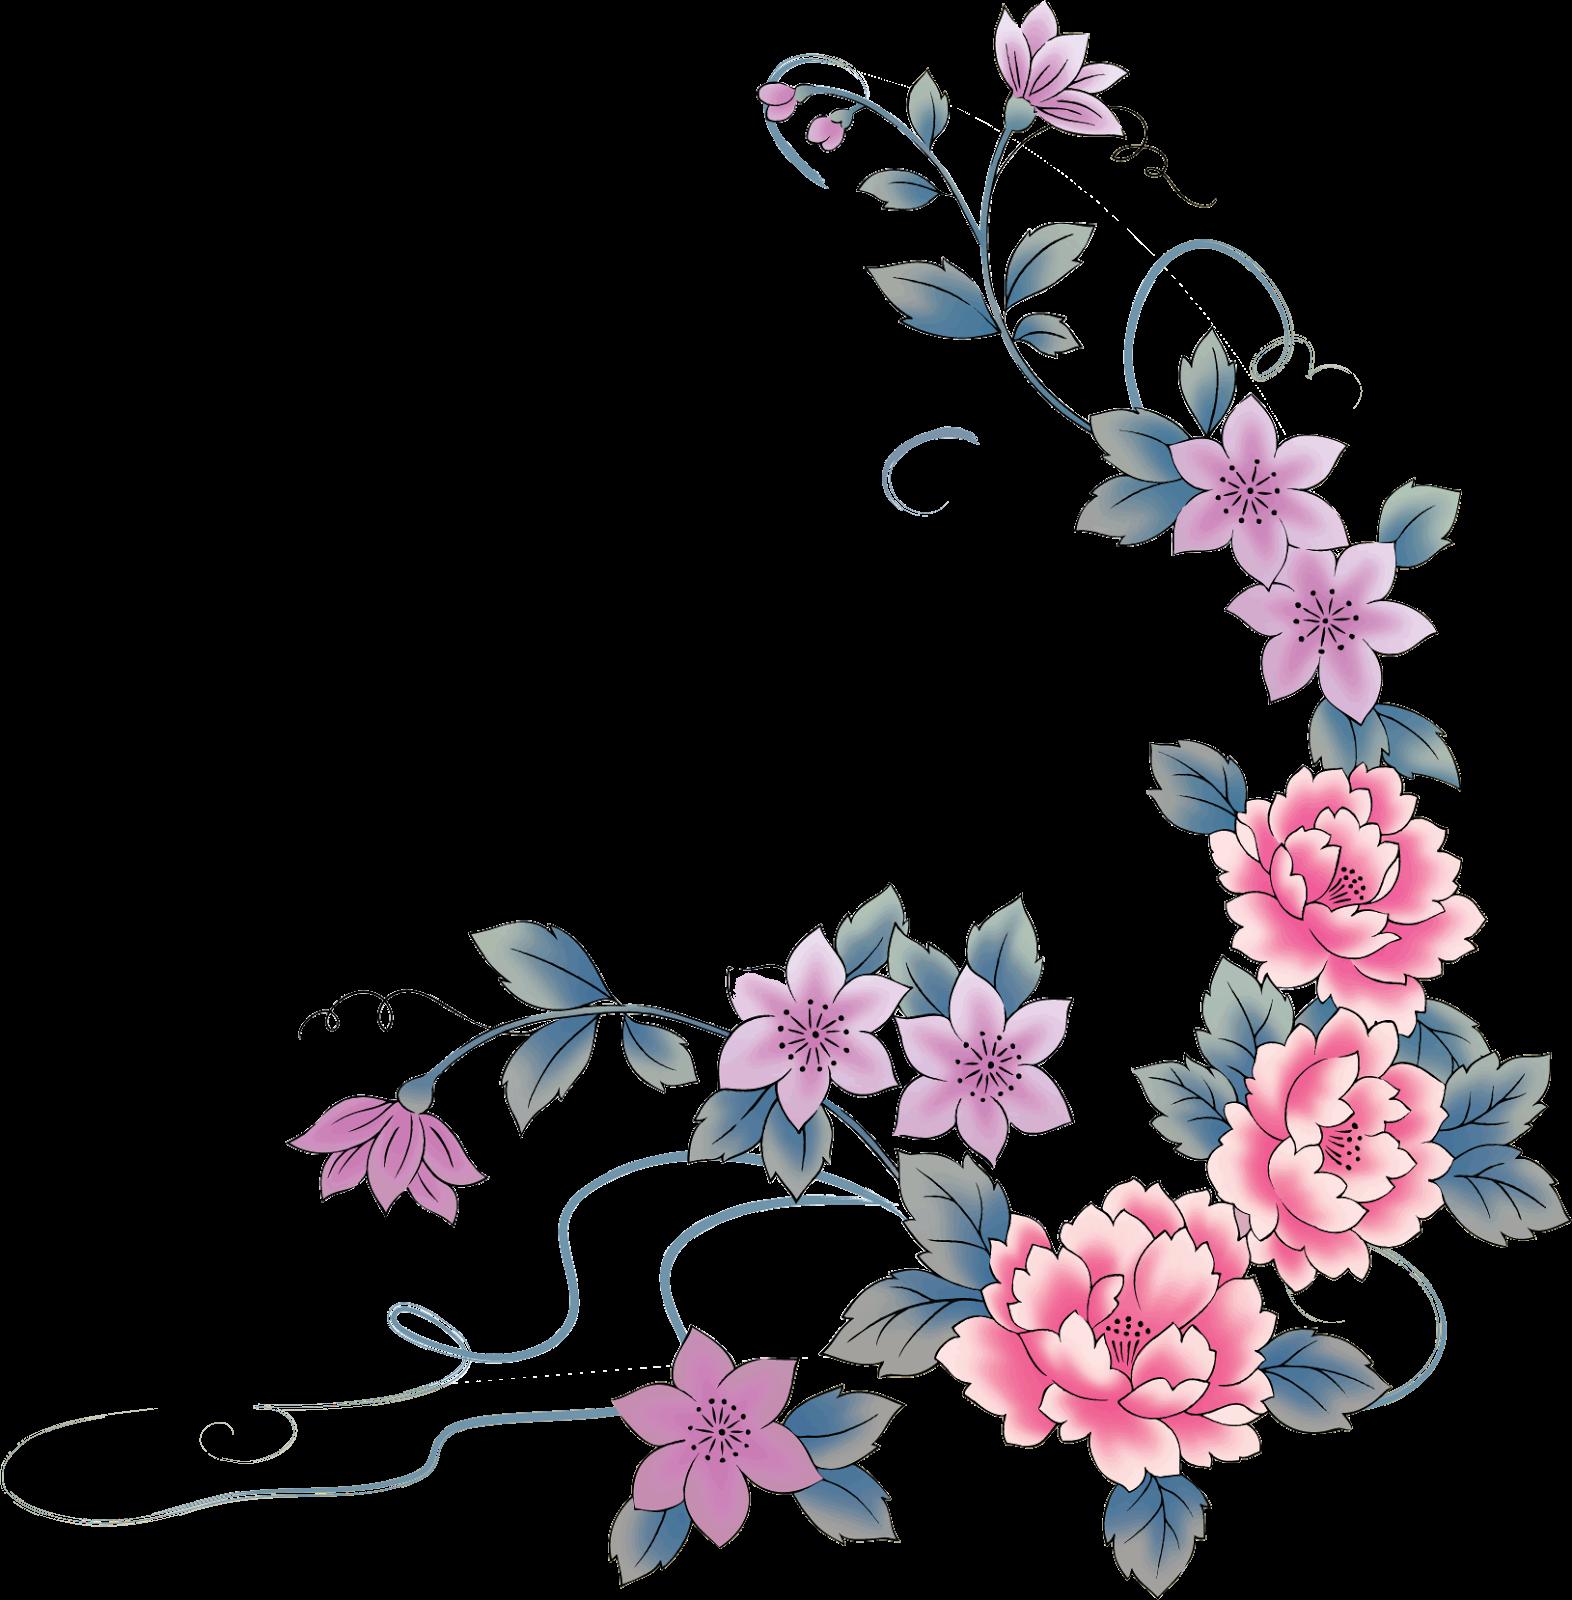 Resultado de imagen para de marcos de flores decoraci n for Mural de flores y mariposas